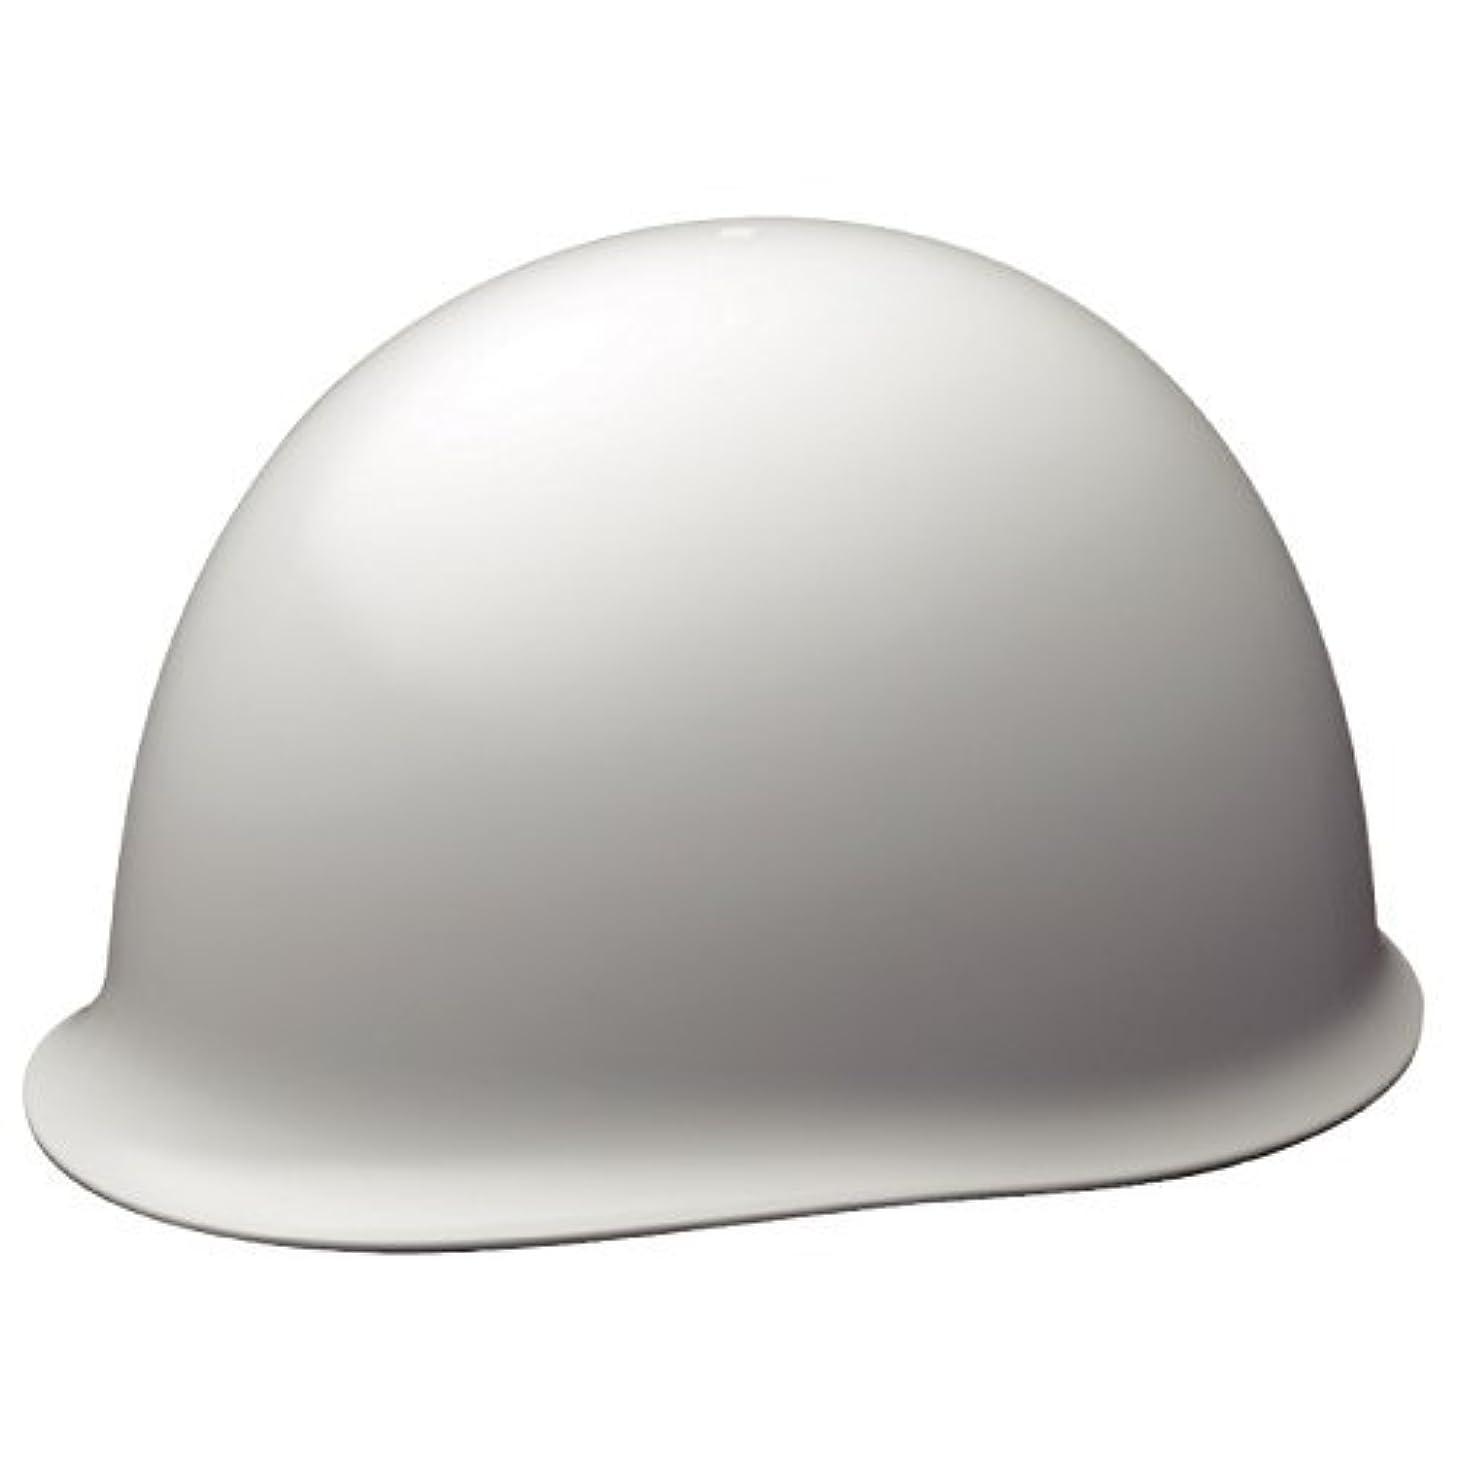 告発しおれたプレゼンターミドリ安全 ヘルメット 一般作業用 電気作業用 SCMB RA KP付 ホワイト